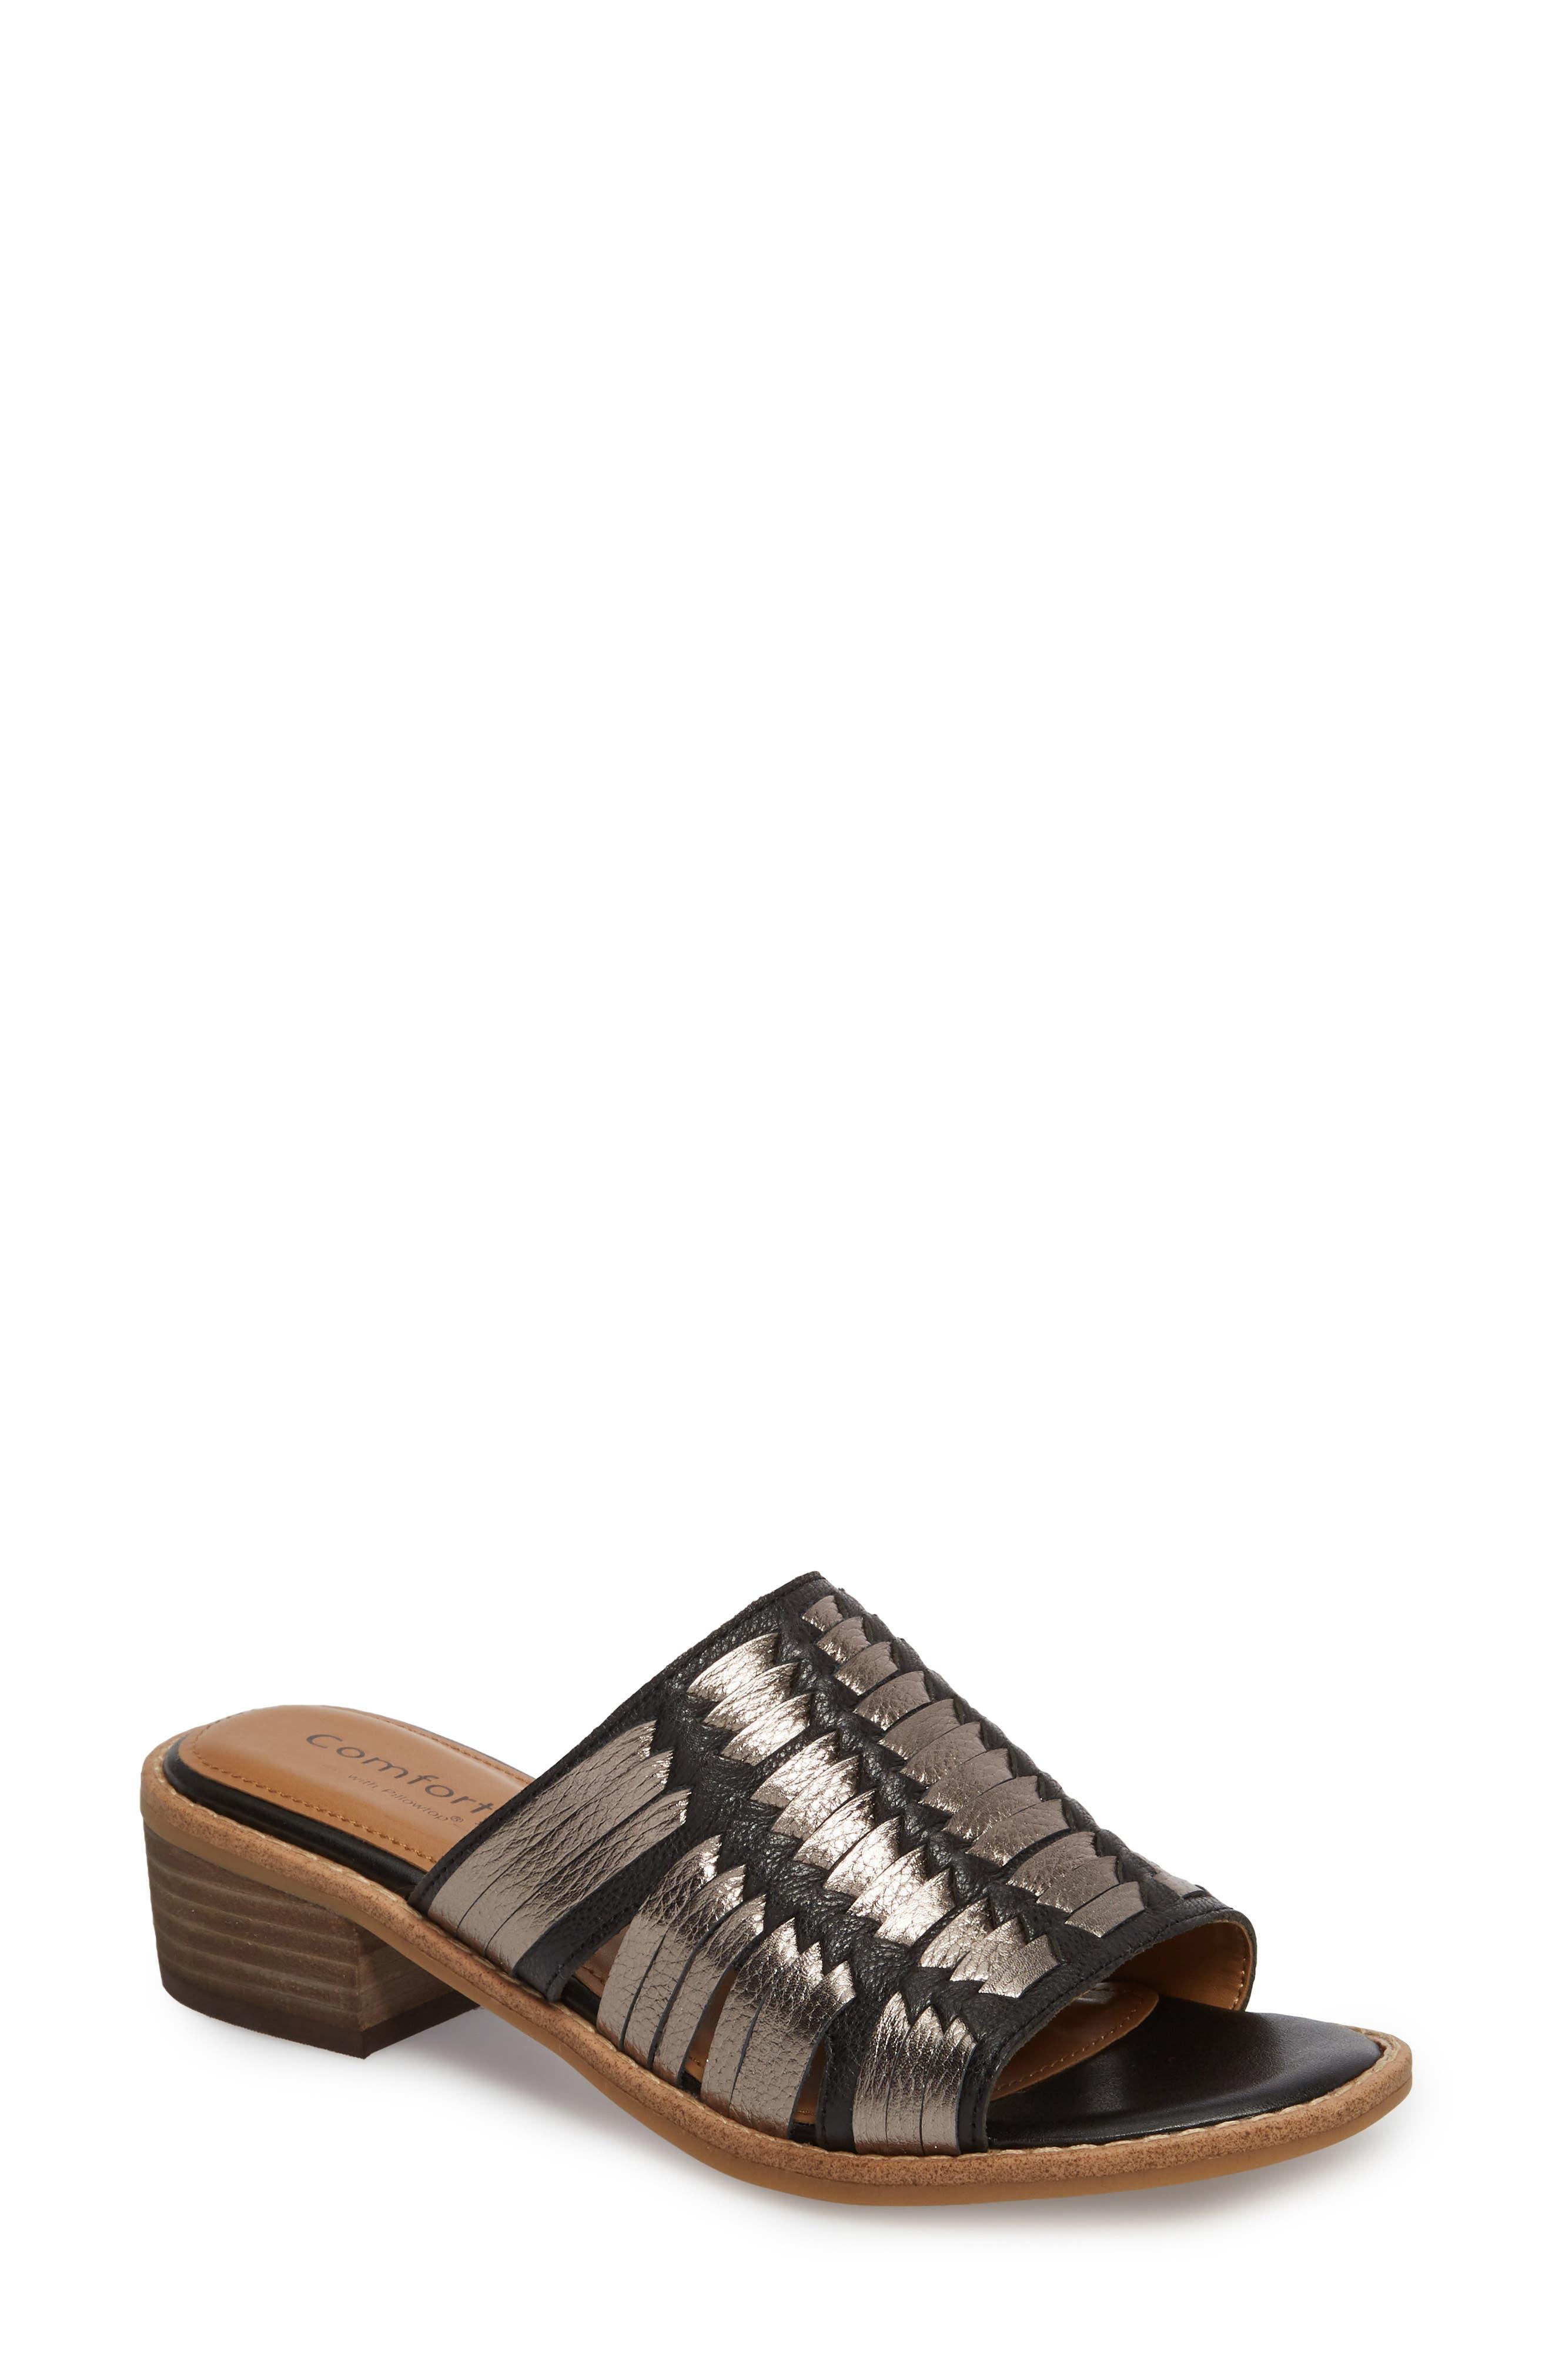 Brileigh Slide Sandal,                         Main,                         color, Black Leather